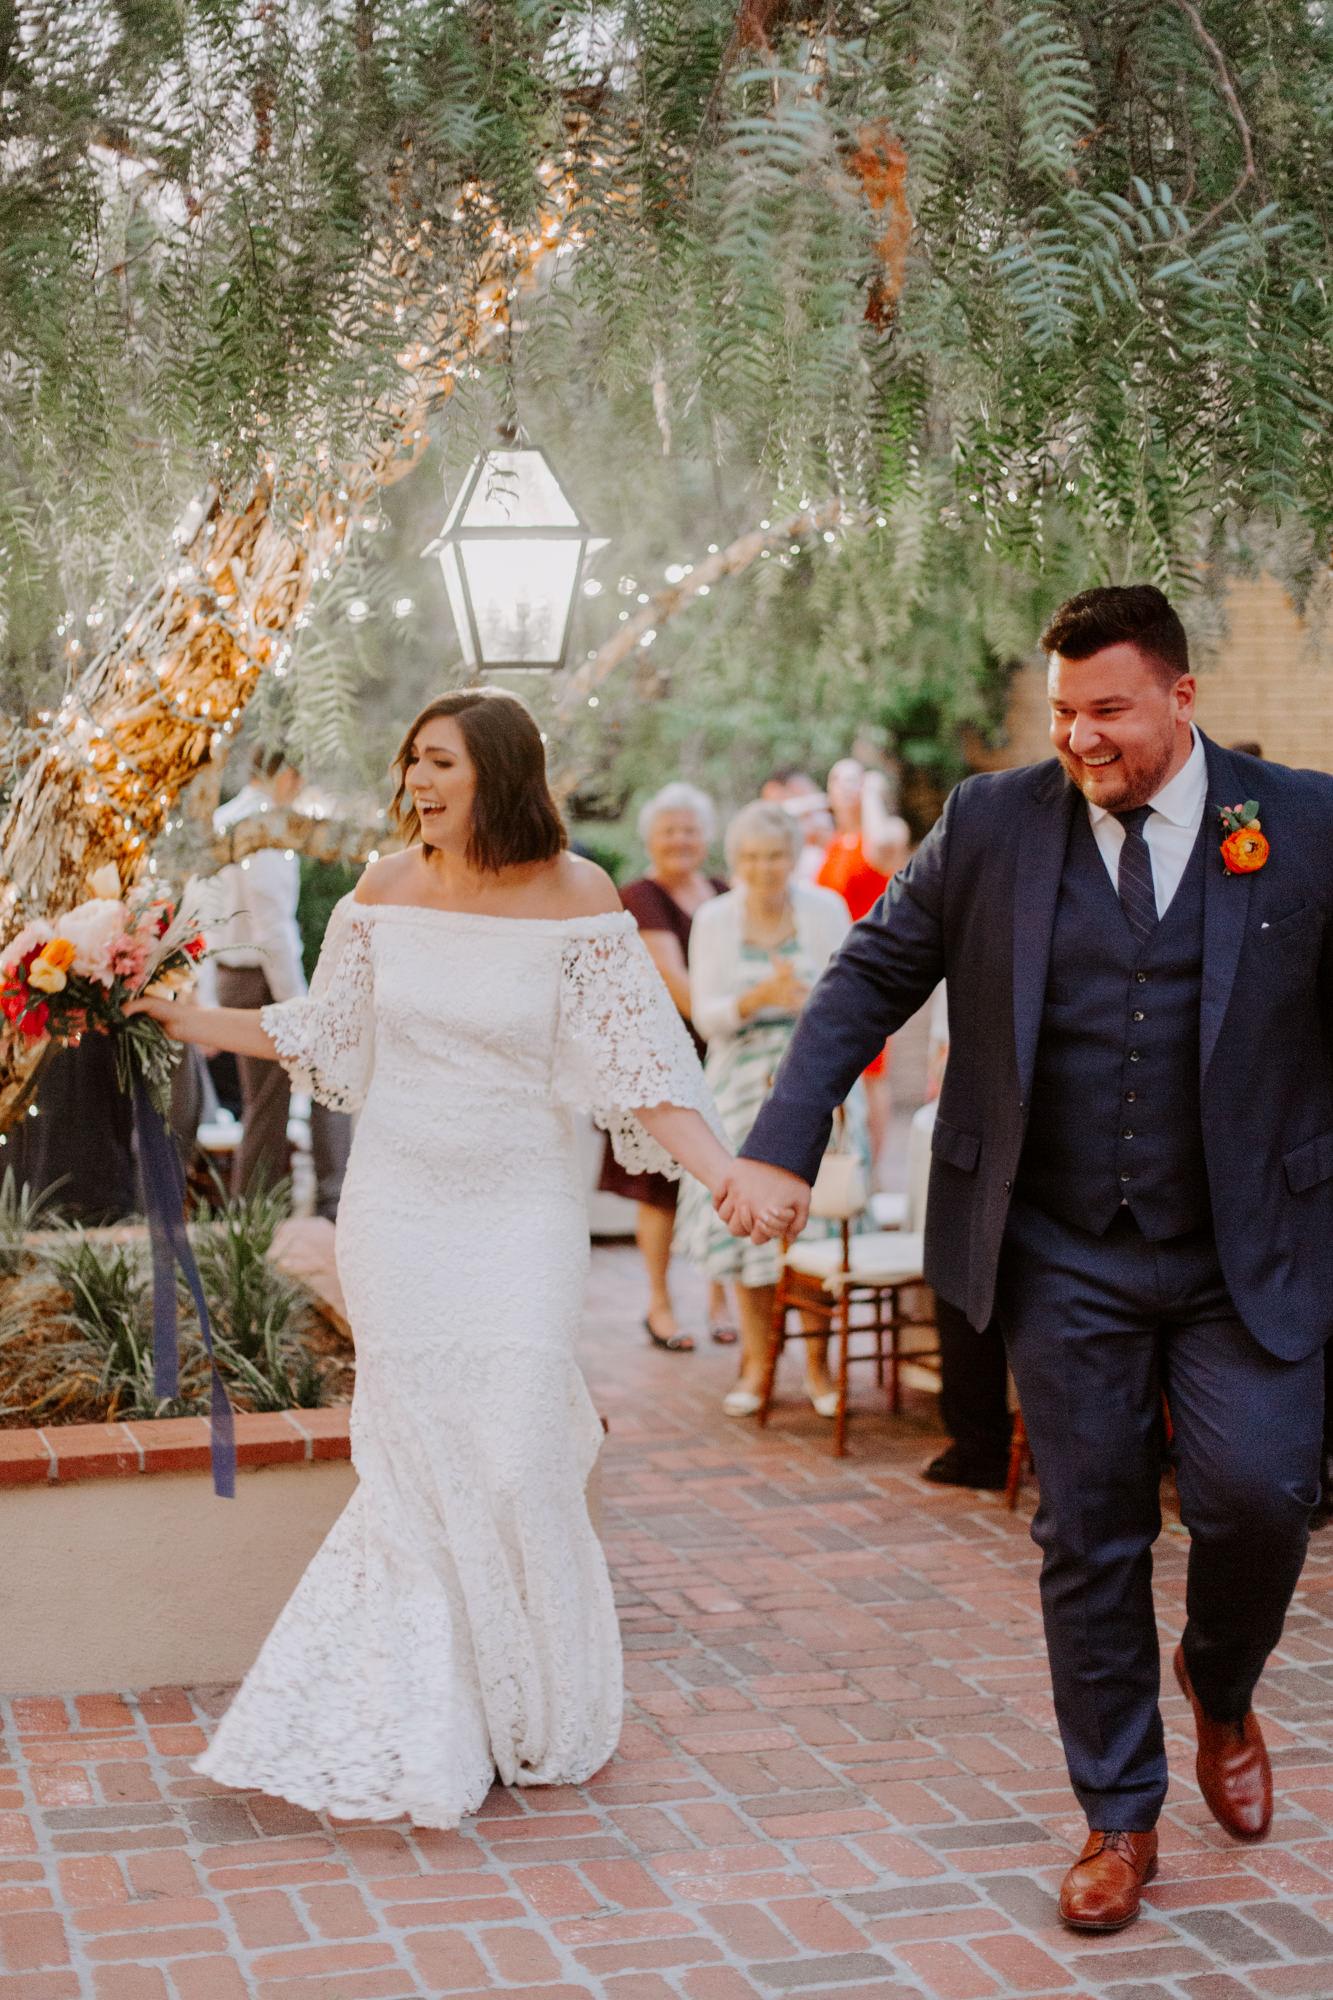 Rancho bernardo Inn san deigo wedding photography0089.jpg